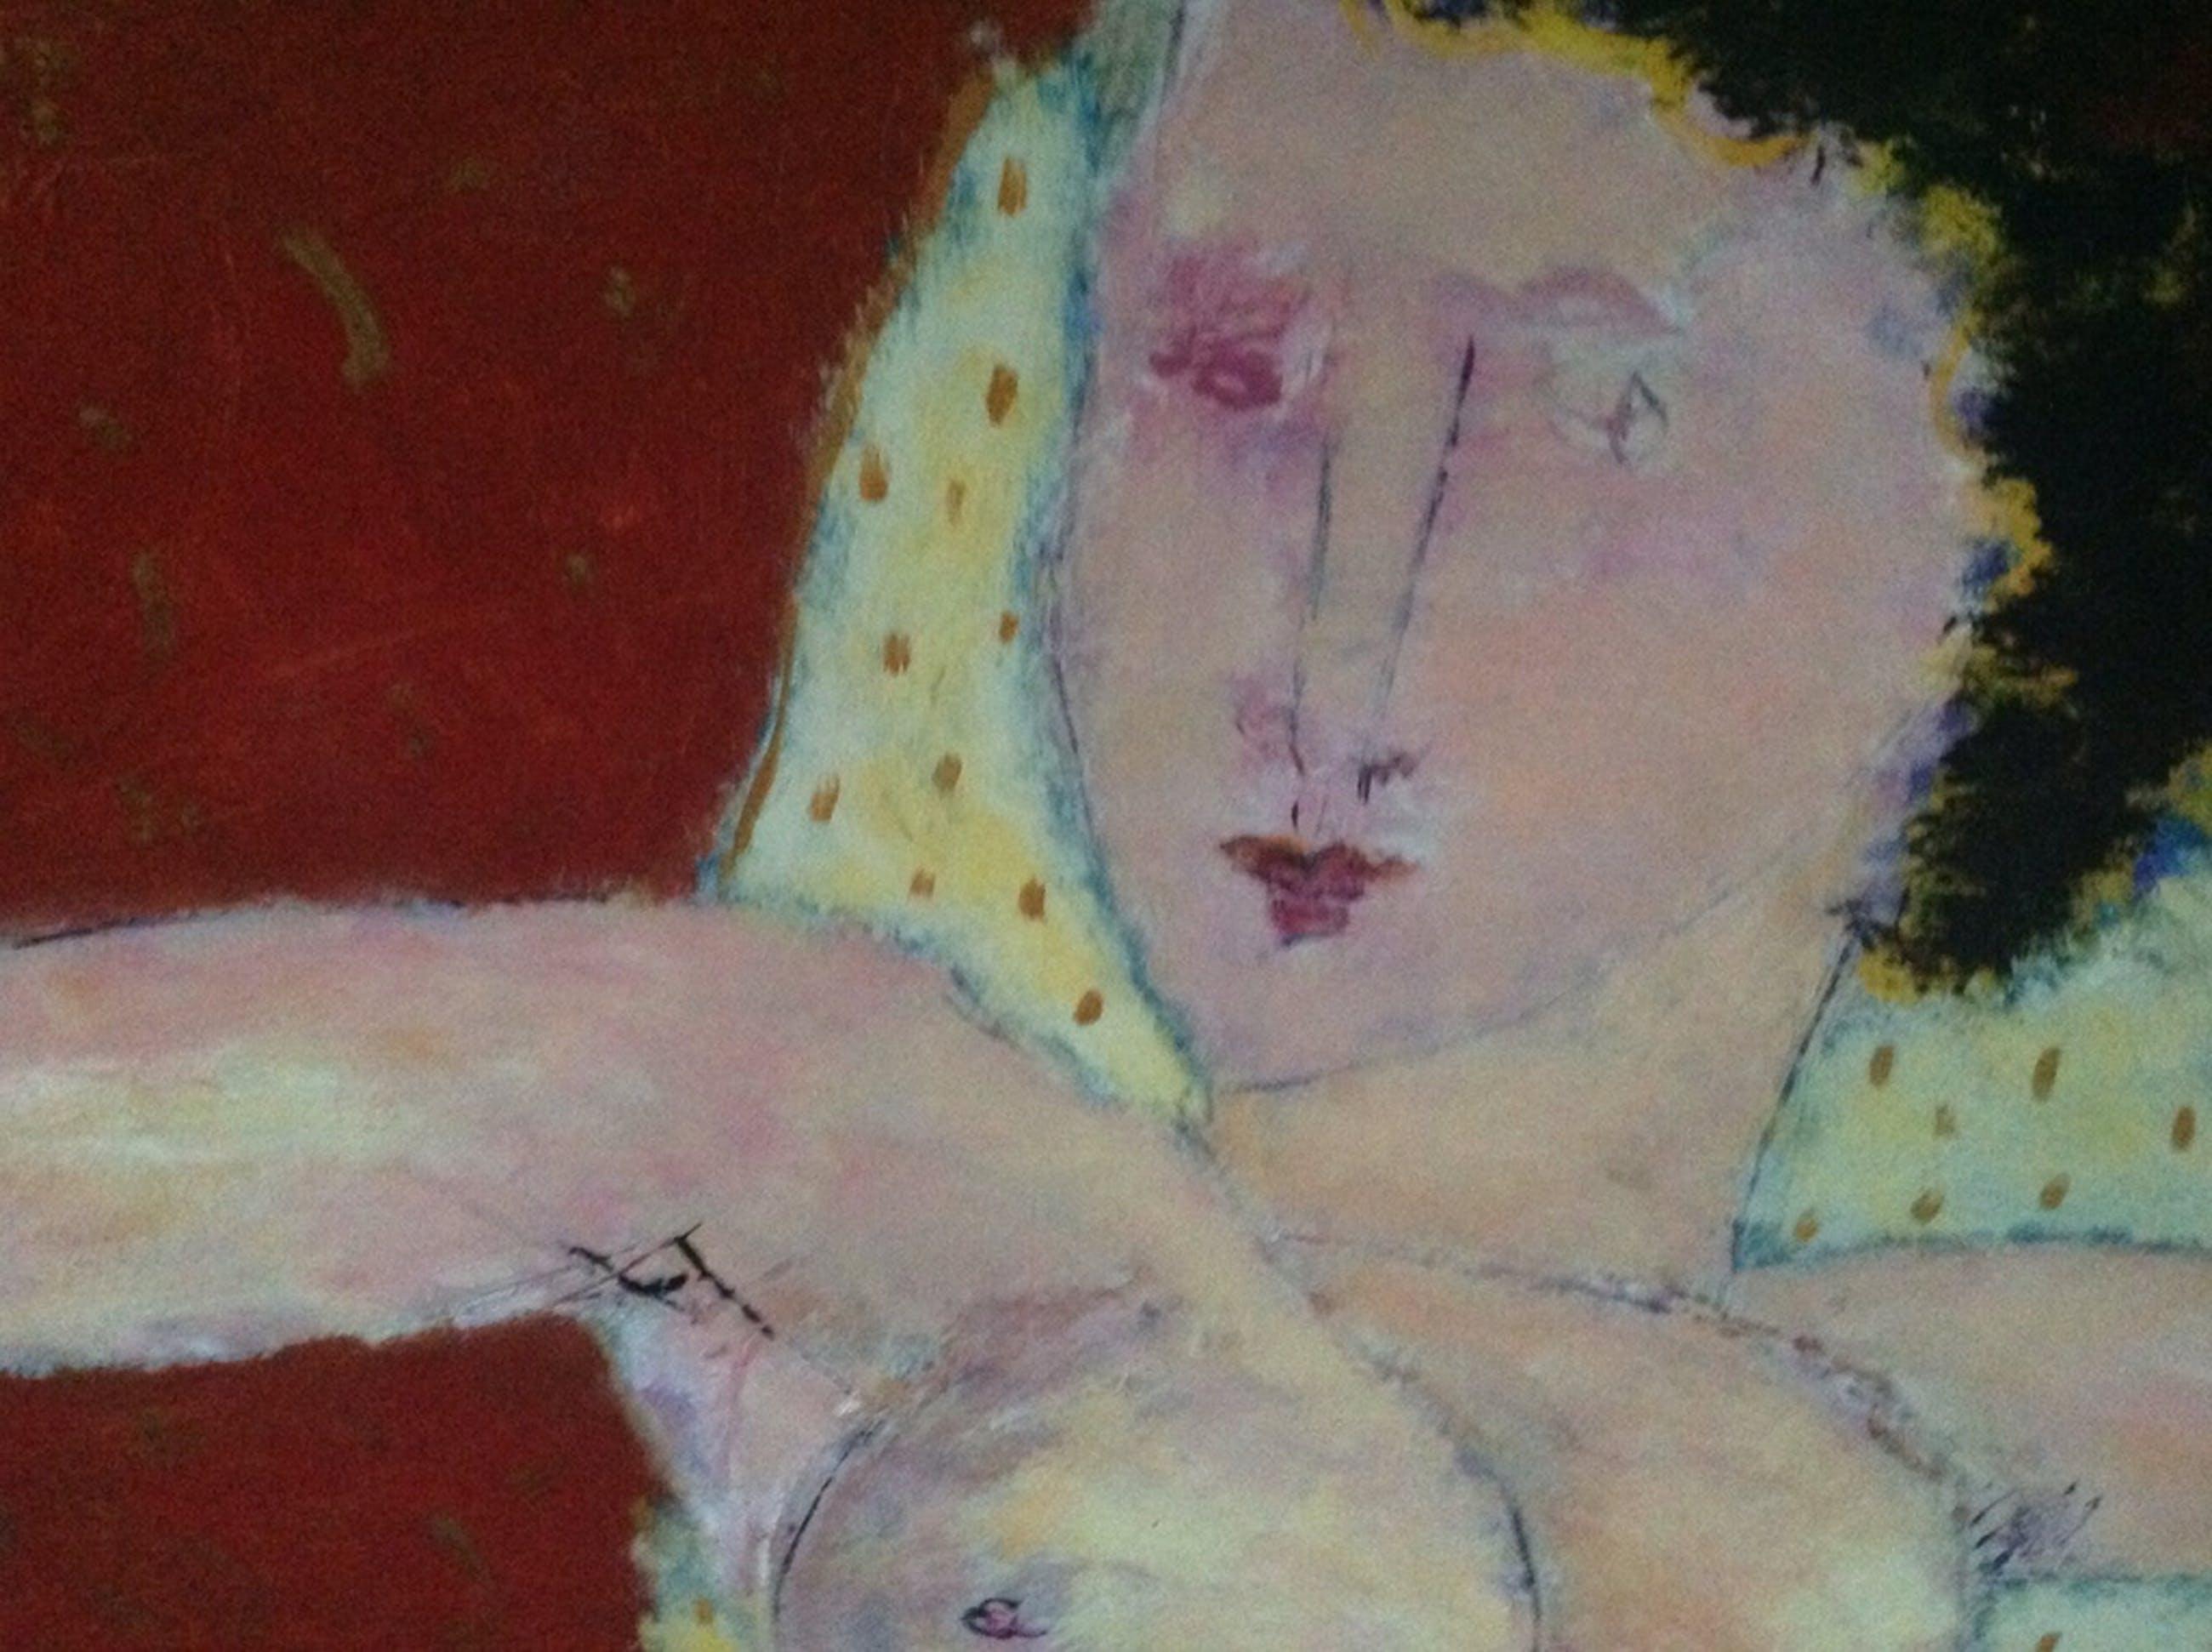 Lita van Engelenhoven, schilderij op doek, naakt 1991 groot 70 x 100 kopen? Bied vanaf 125!